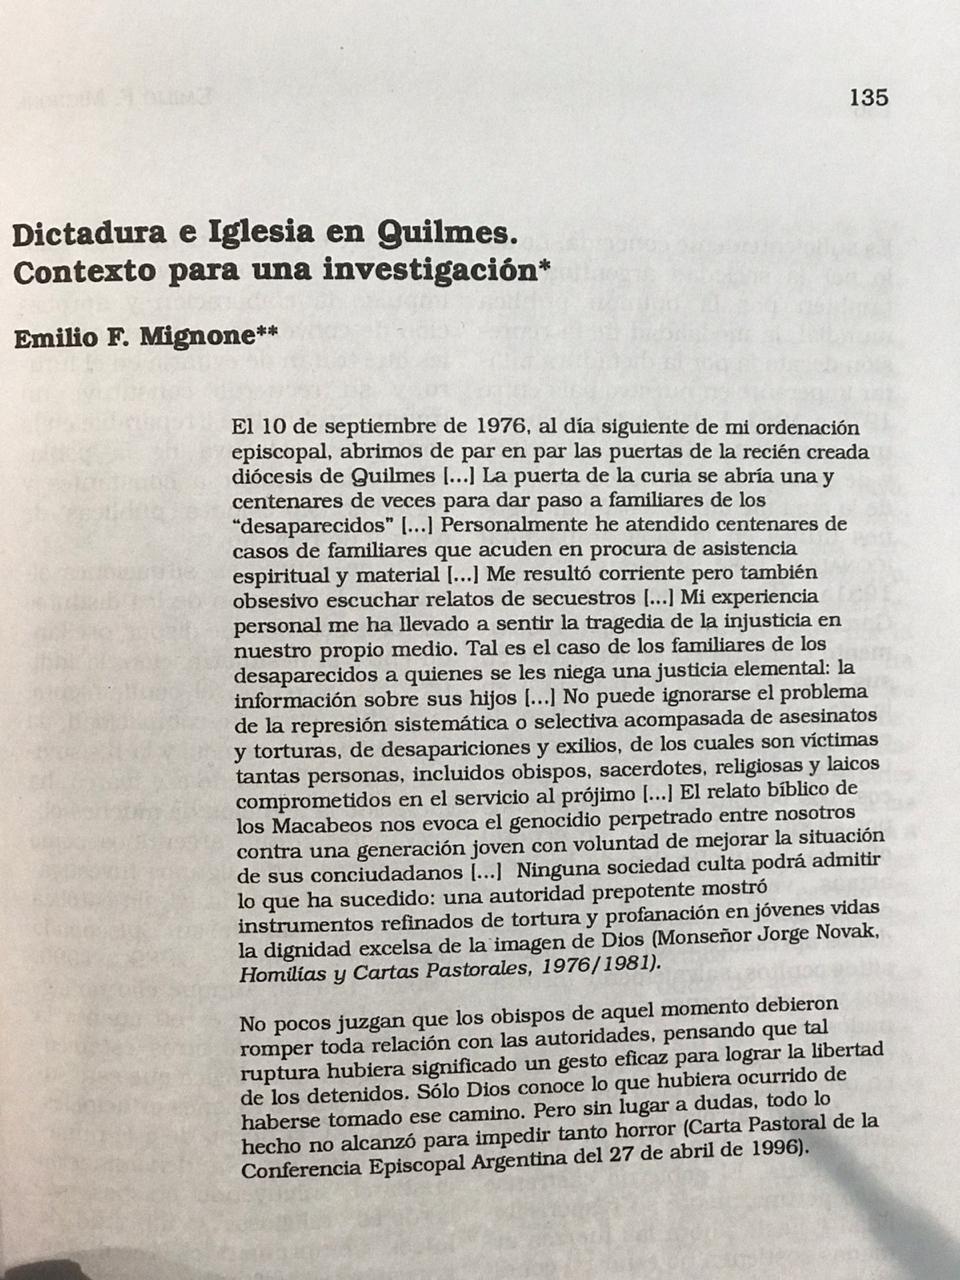 Emilio Mignone